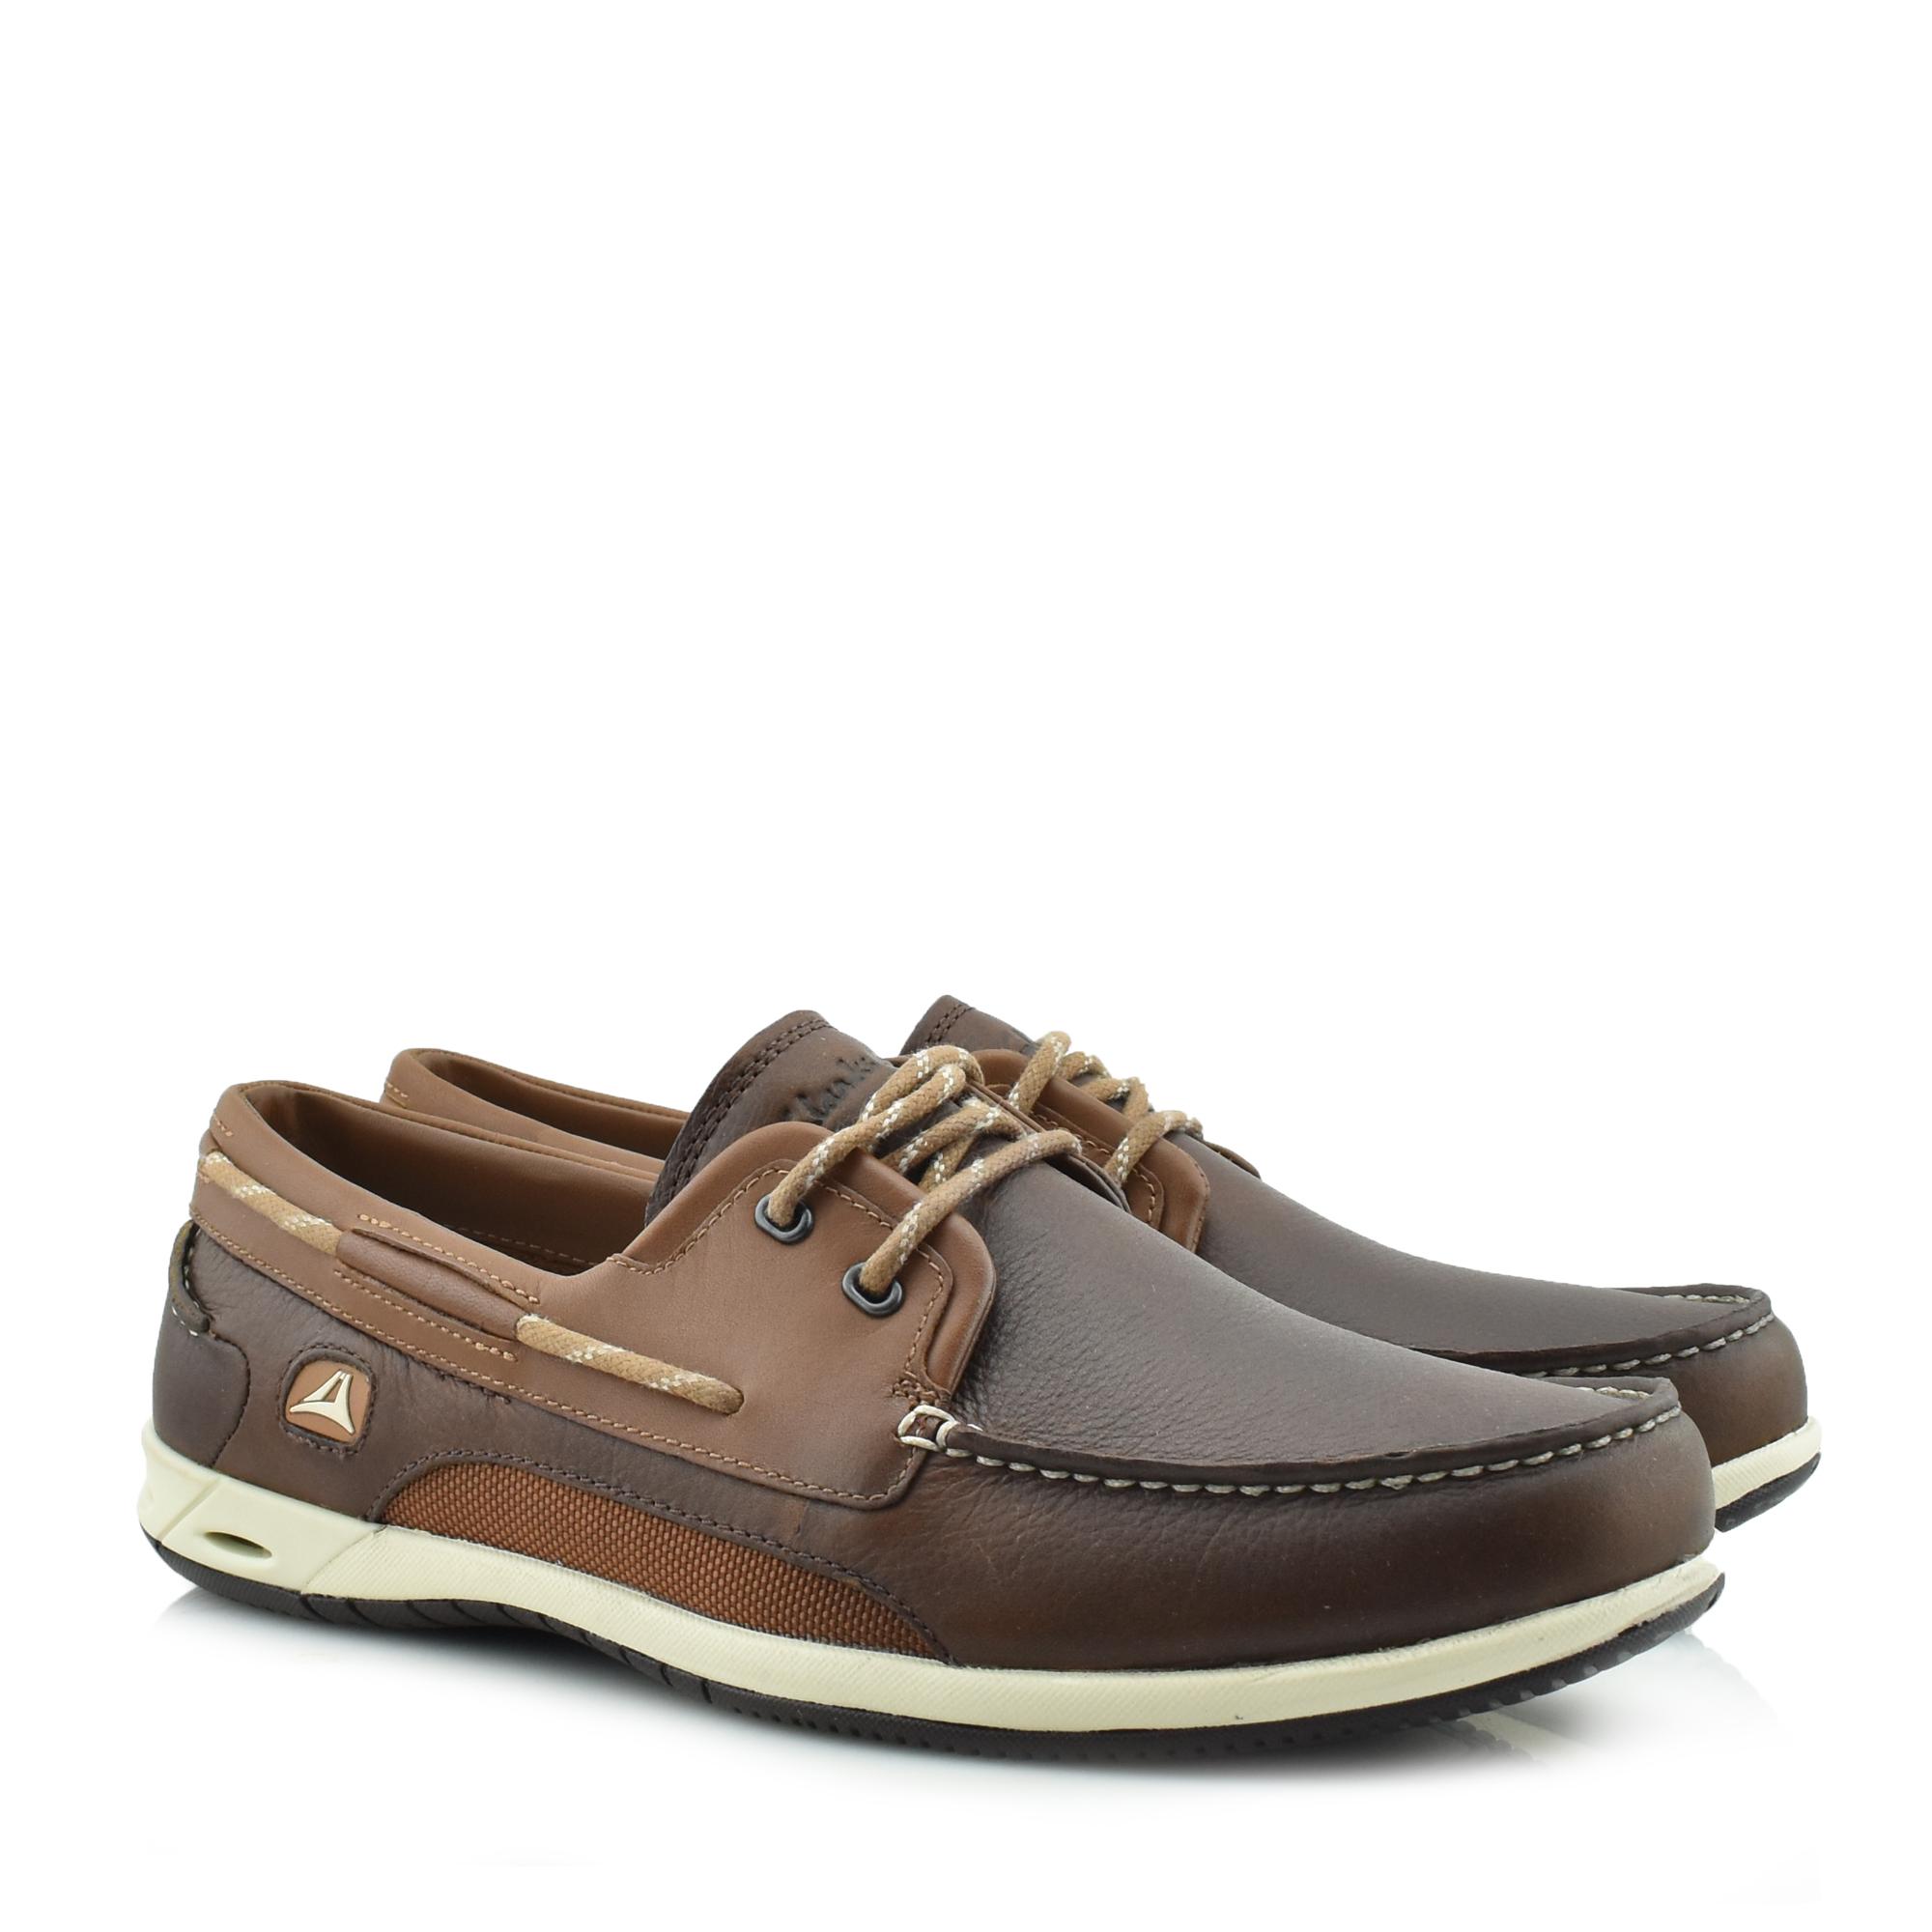 Ανδρικά Ανατομικά Παπούτσια 2020 shoes & style